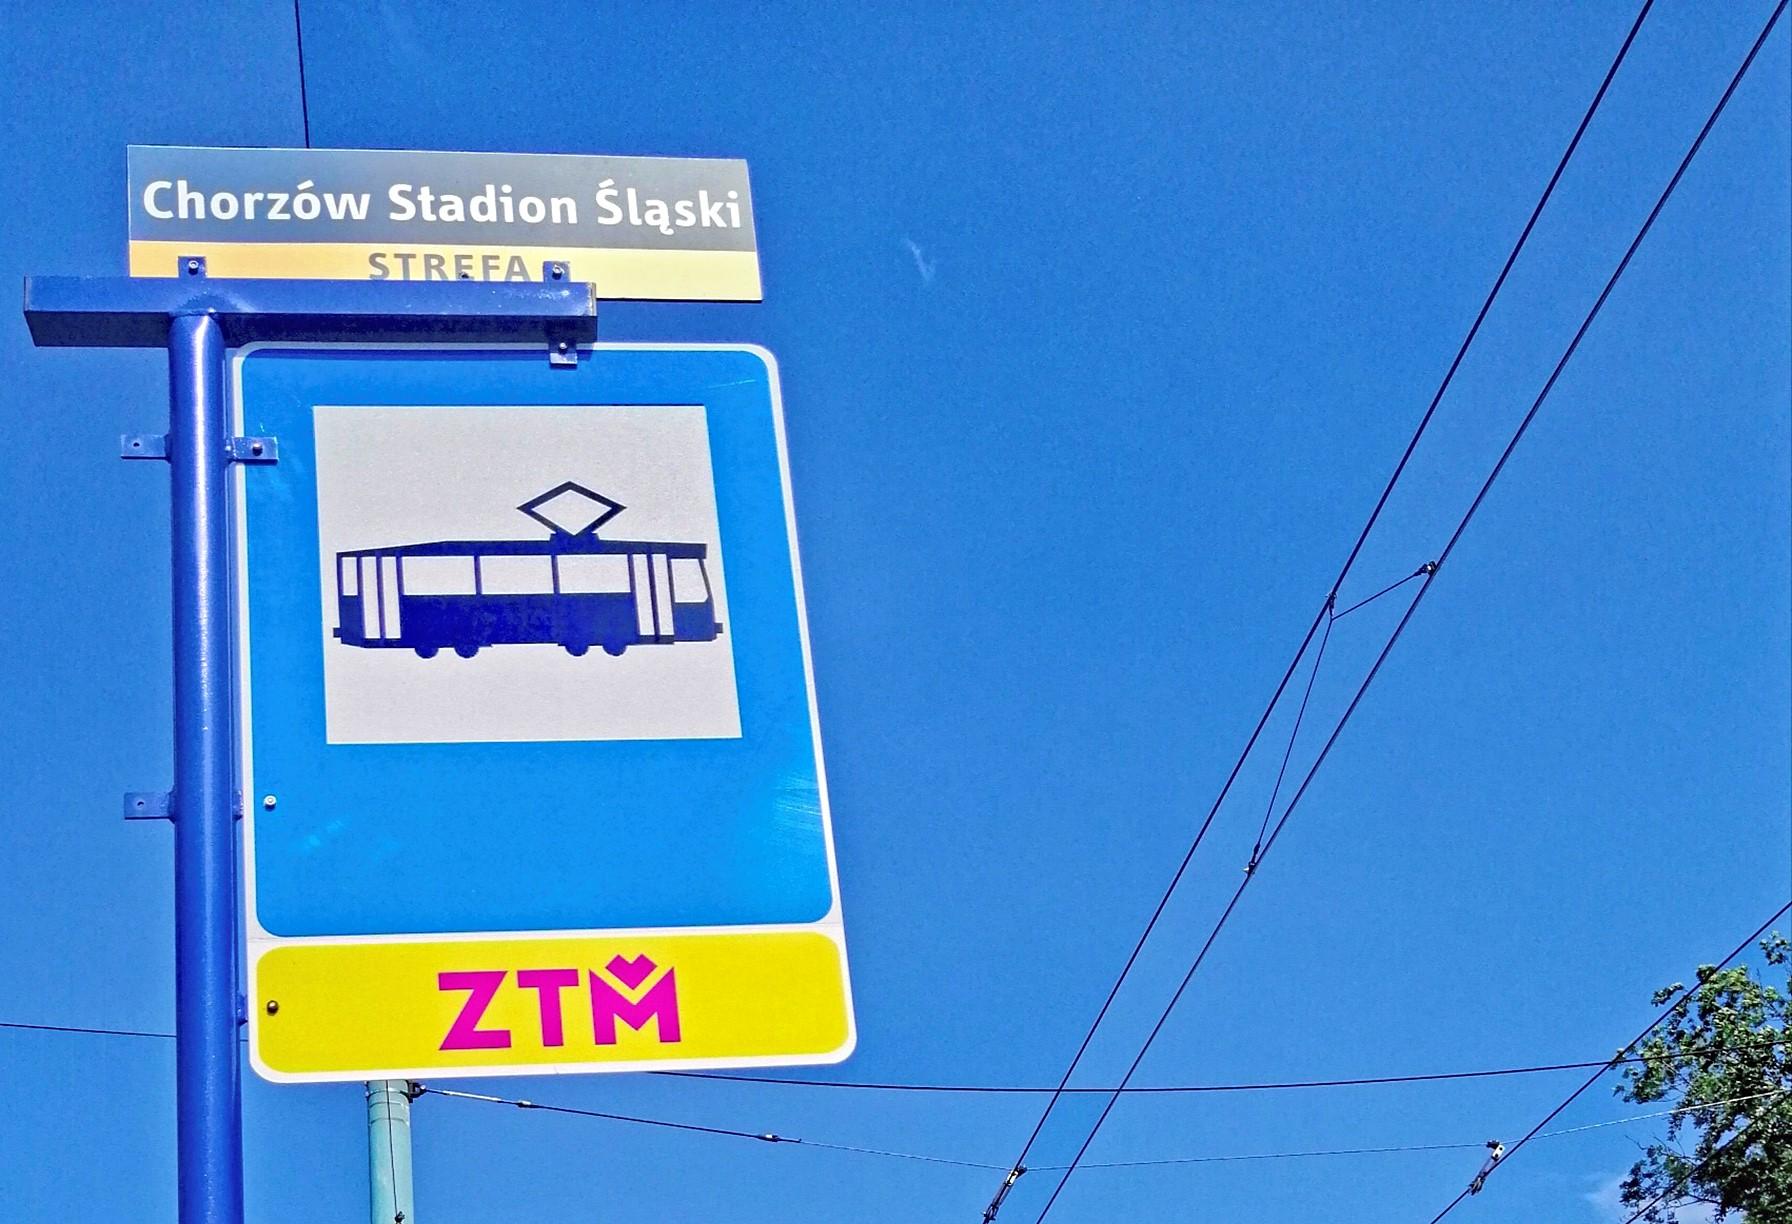 d2c37284dc1156 Metropolia: wspólne kolory komunikacji miejskiej. Żółty, fuksja ...